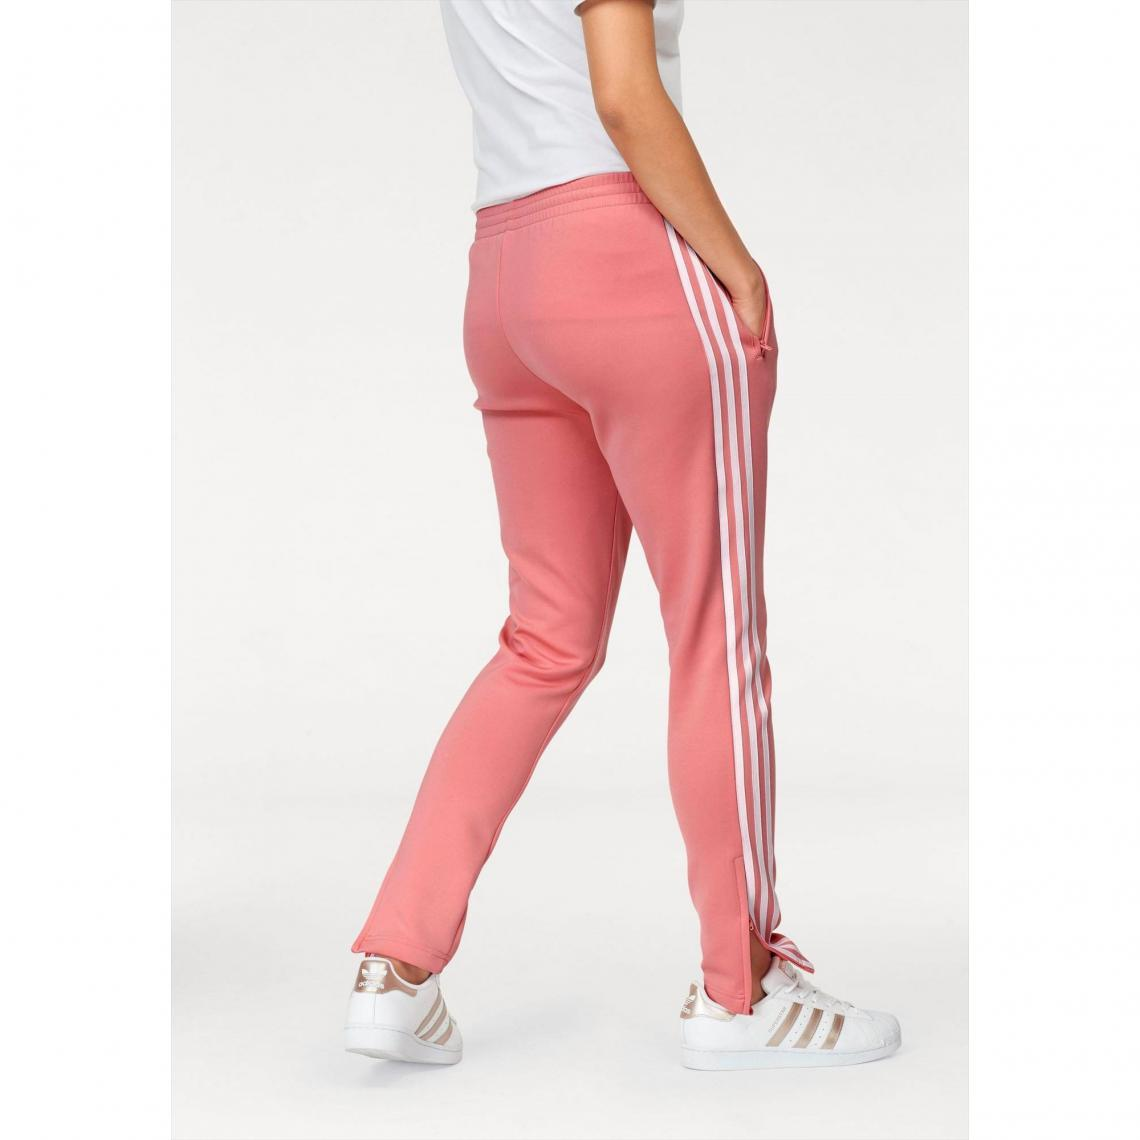 458064b106 Pantalon de sport SST TP femme adidas Originals® - Rouge | 3 SUISSES